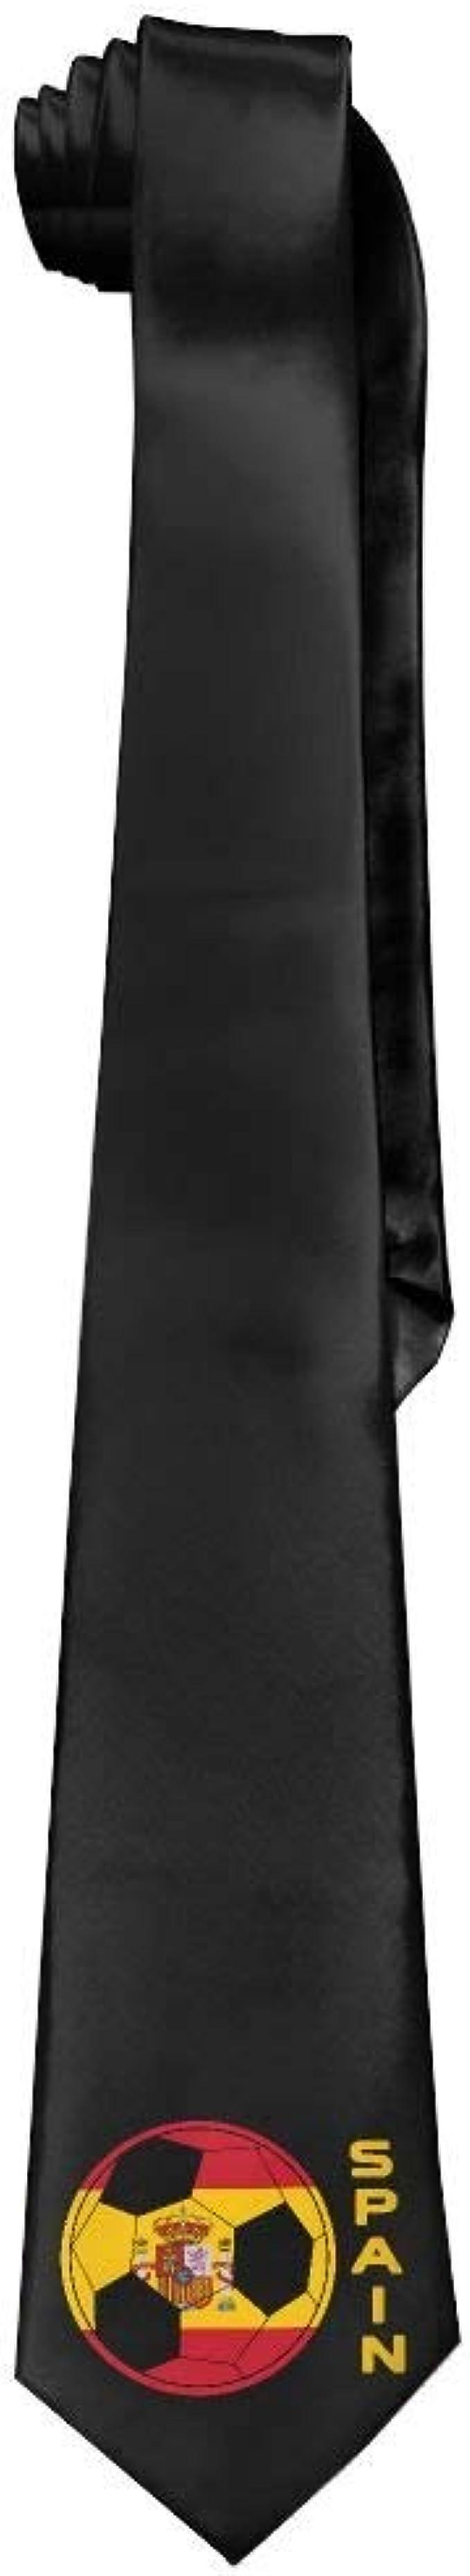 Jxrodekz Moda Española Bandera Fútbol Hombre Corbata Larga Corbata Delgada Corbata Seda: Amazon.es: Ropa y accesorios